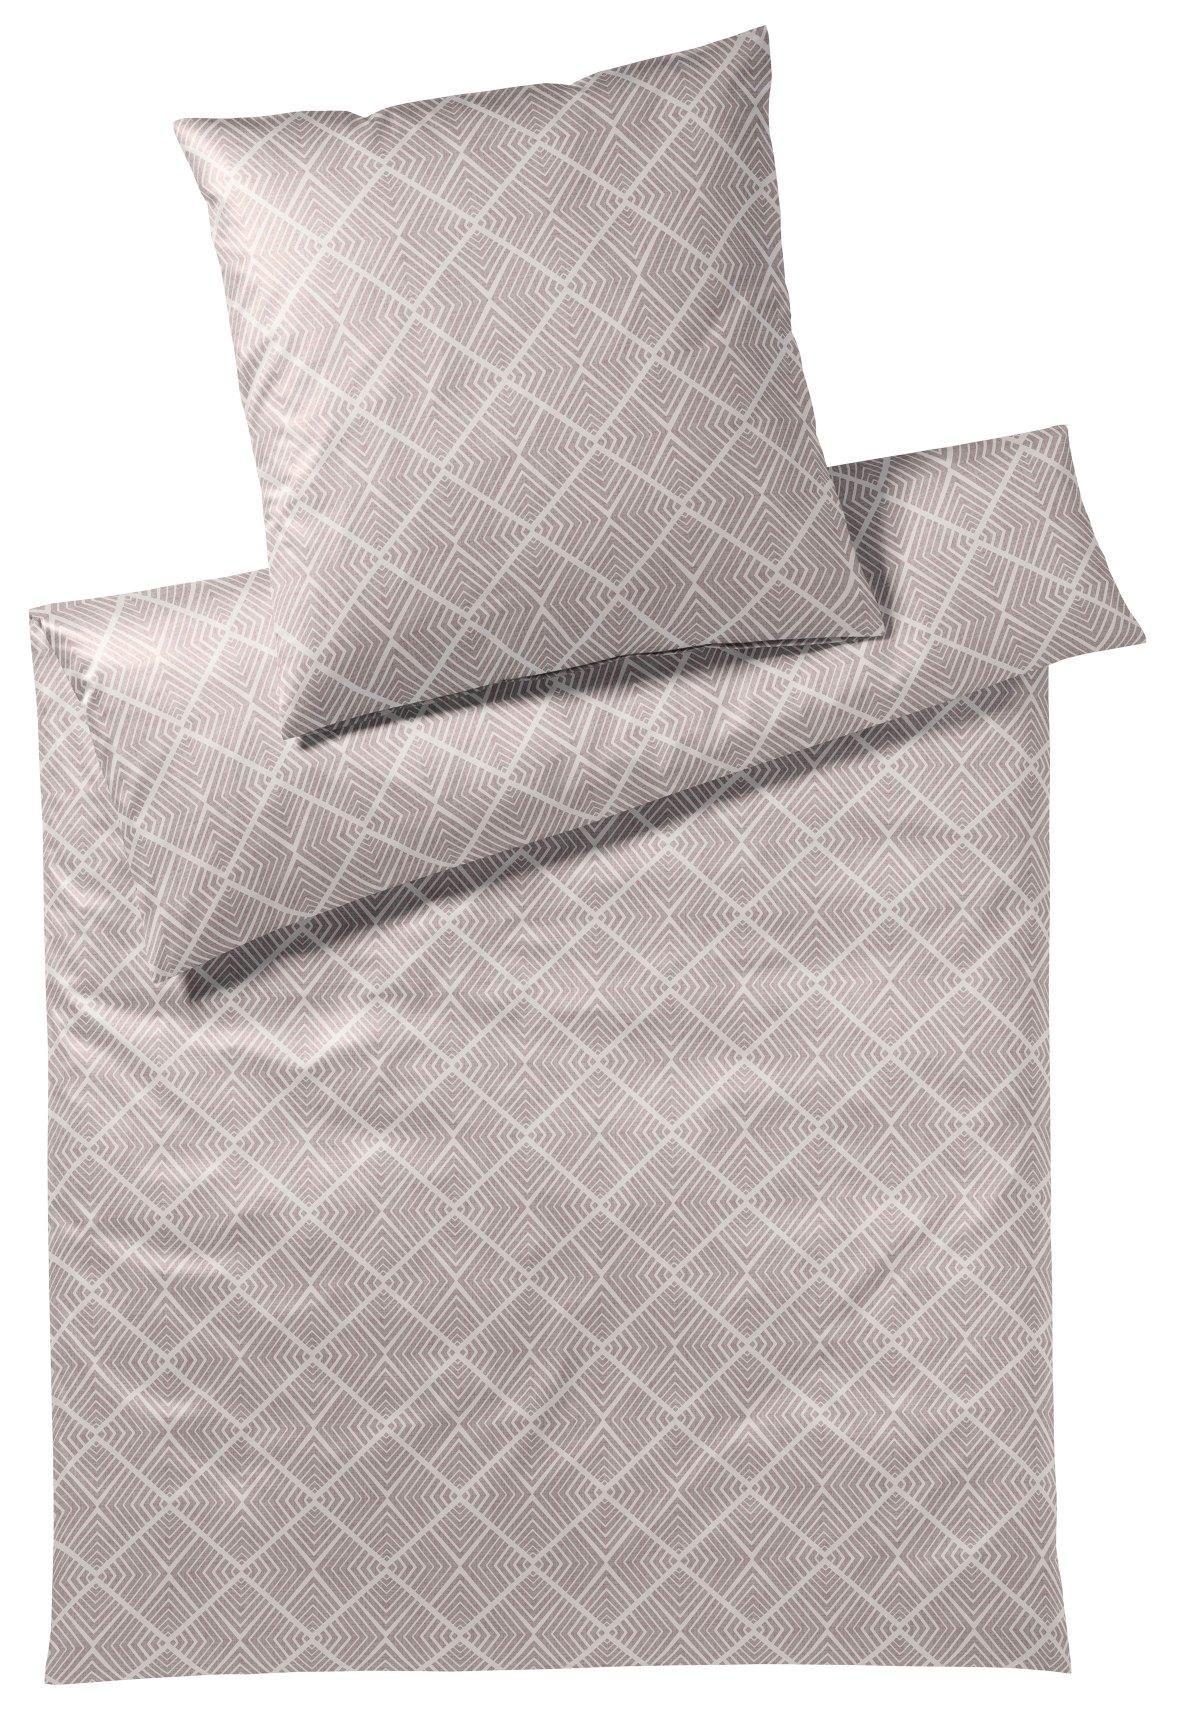 ELEGANTE Bettwäsche, Elegante, »Trocca«, mit grafischen Muster